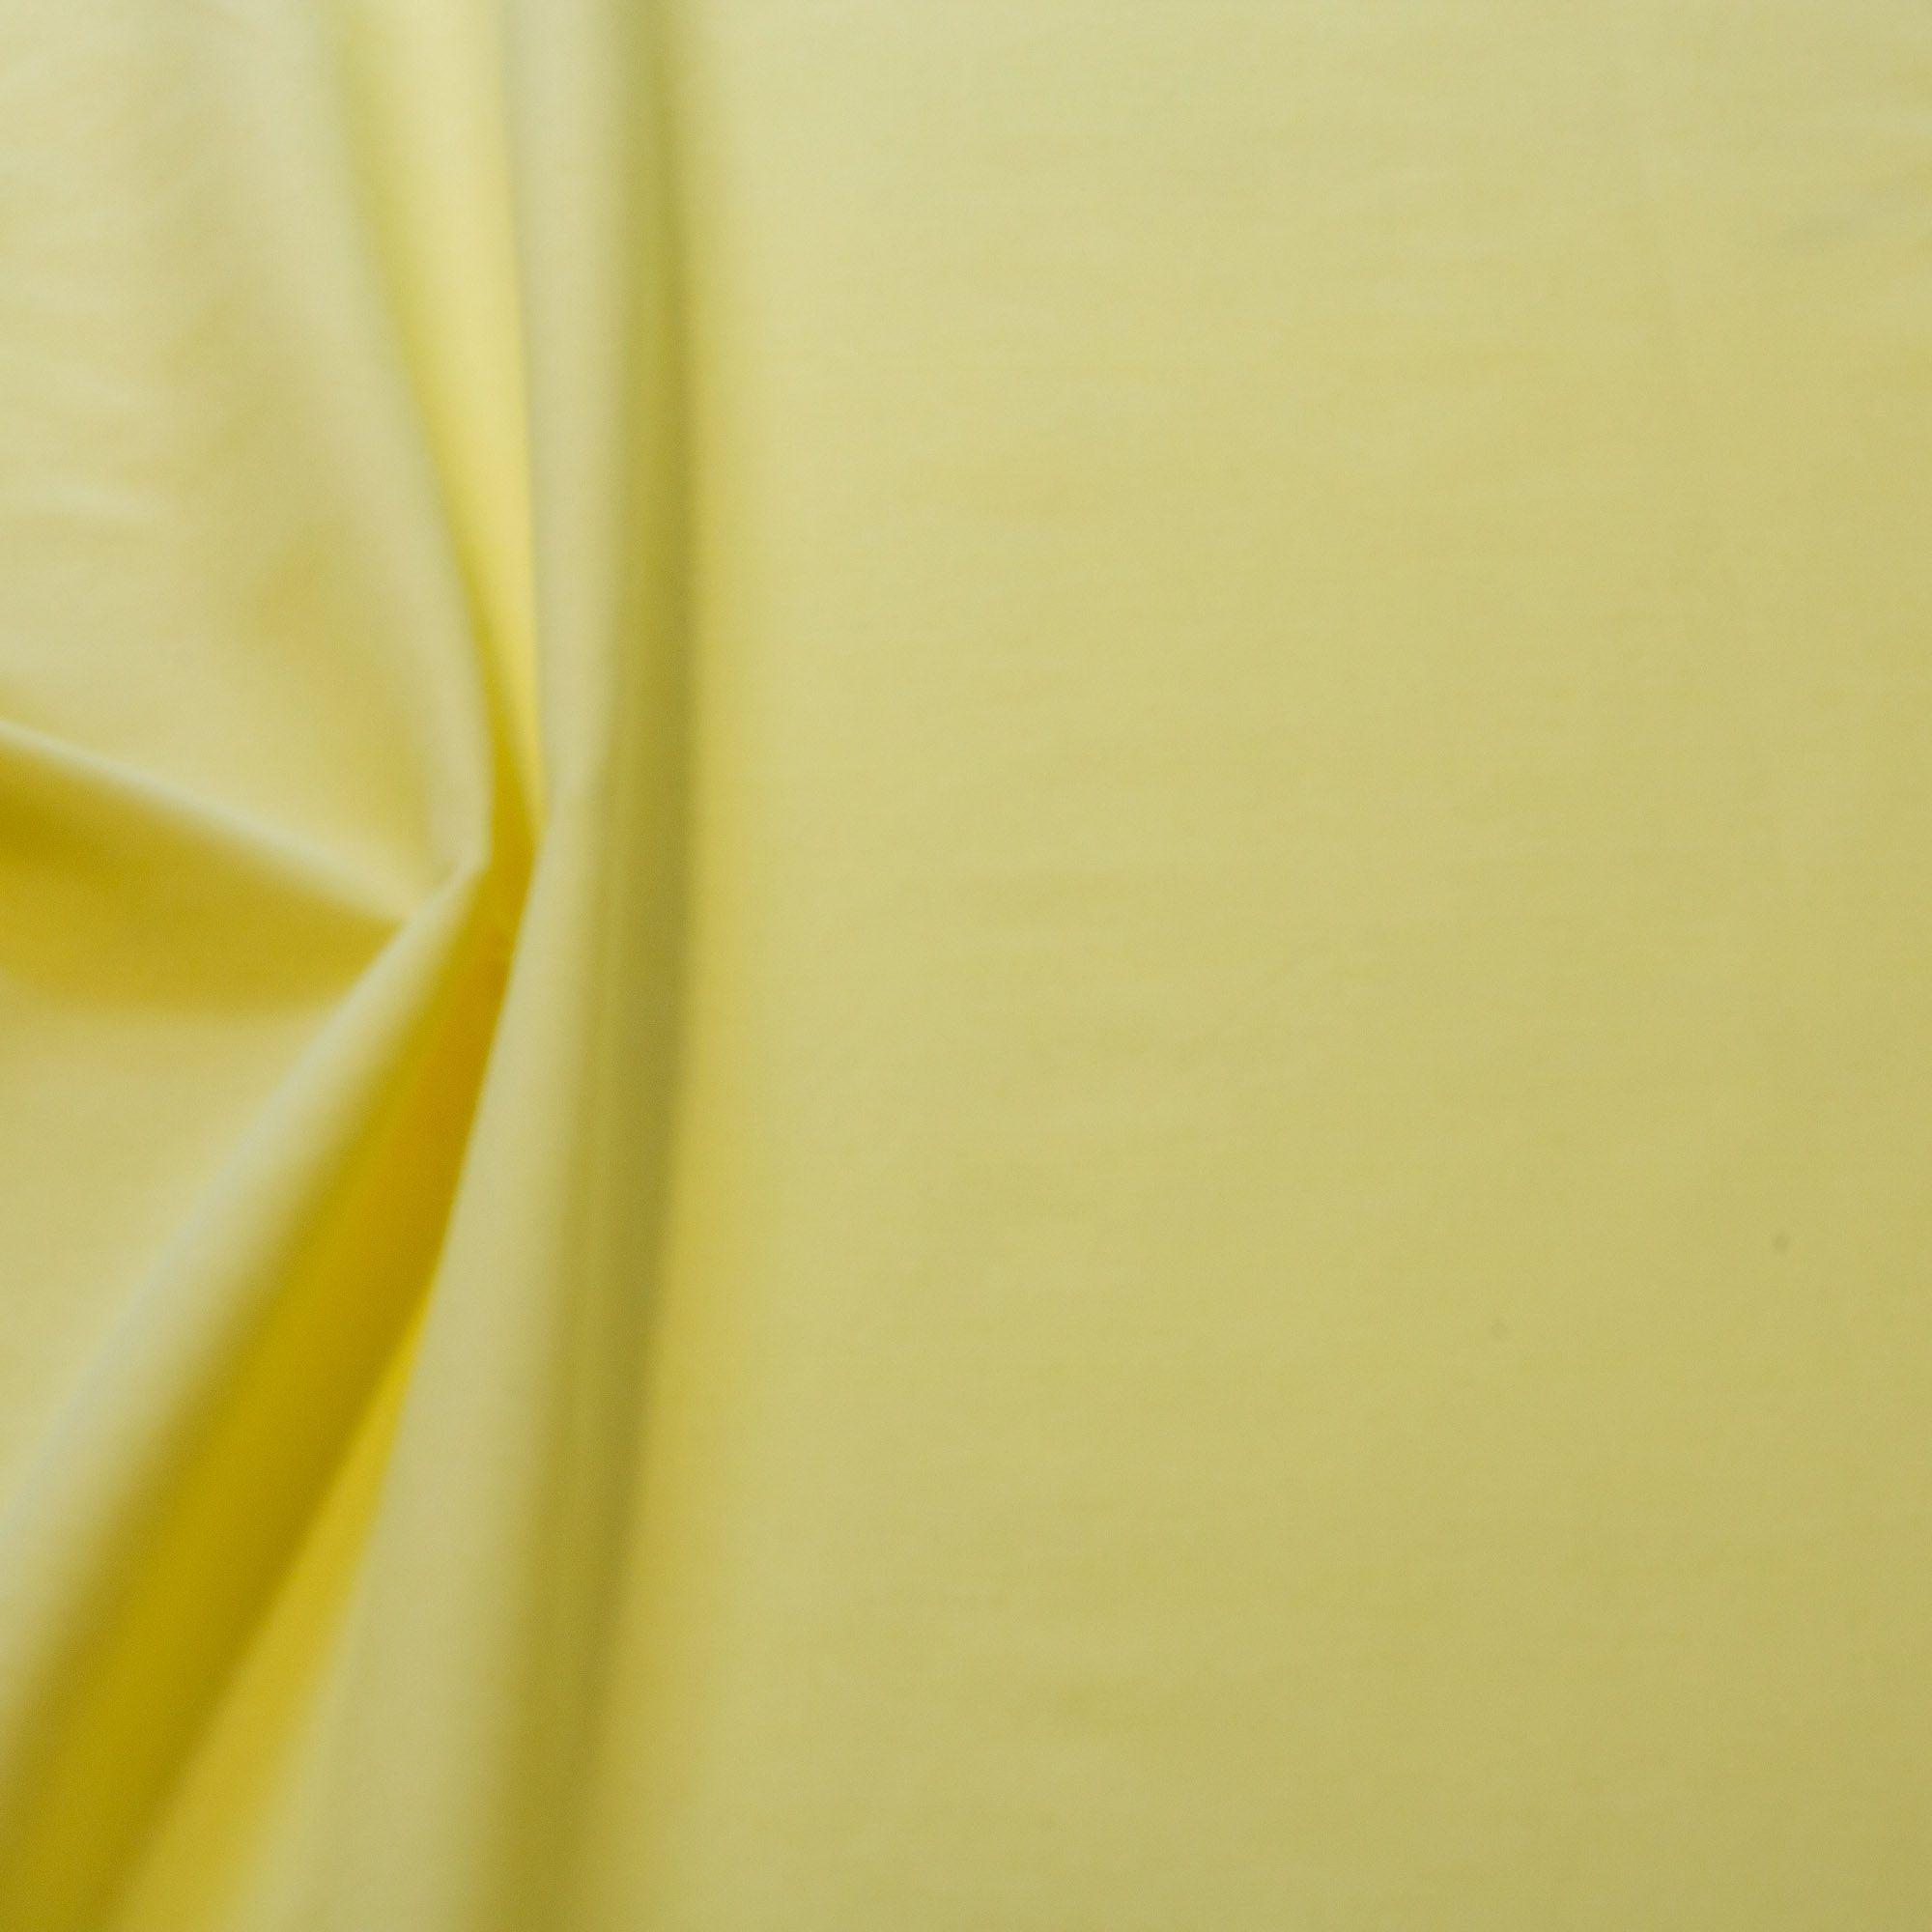 Tecido Alpaca Amarelo Bebe 65% Algodão 35% Poliester 1,40 m Largura